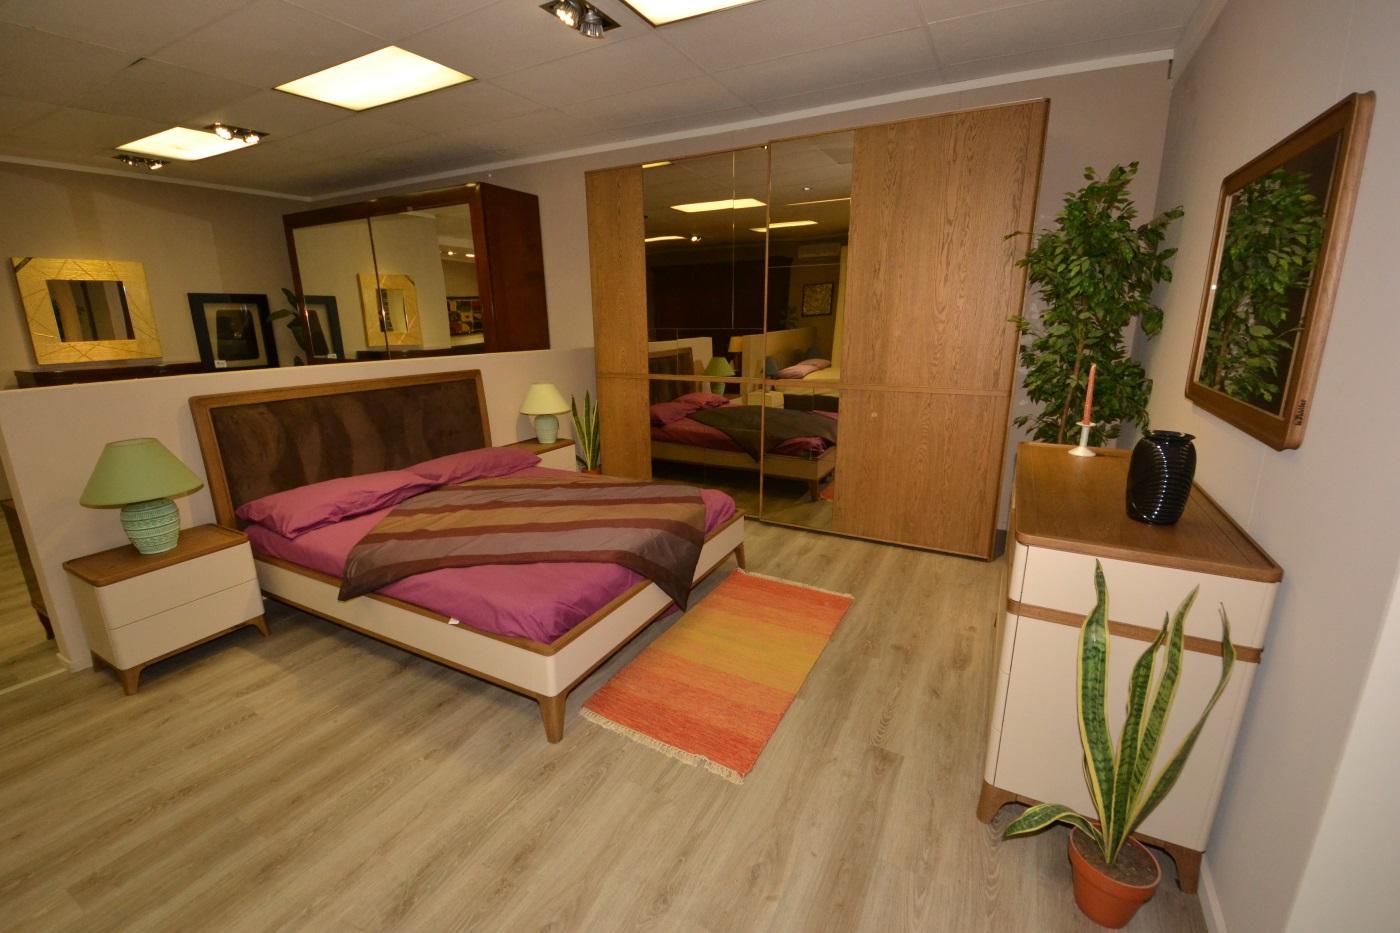 Fablier camere da letto dsc with fablier camere da letto la promozione di le fablier di - Offerte camere da letto le fablier ...